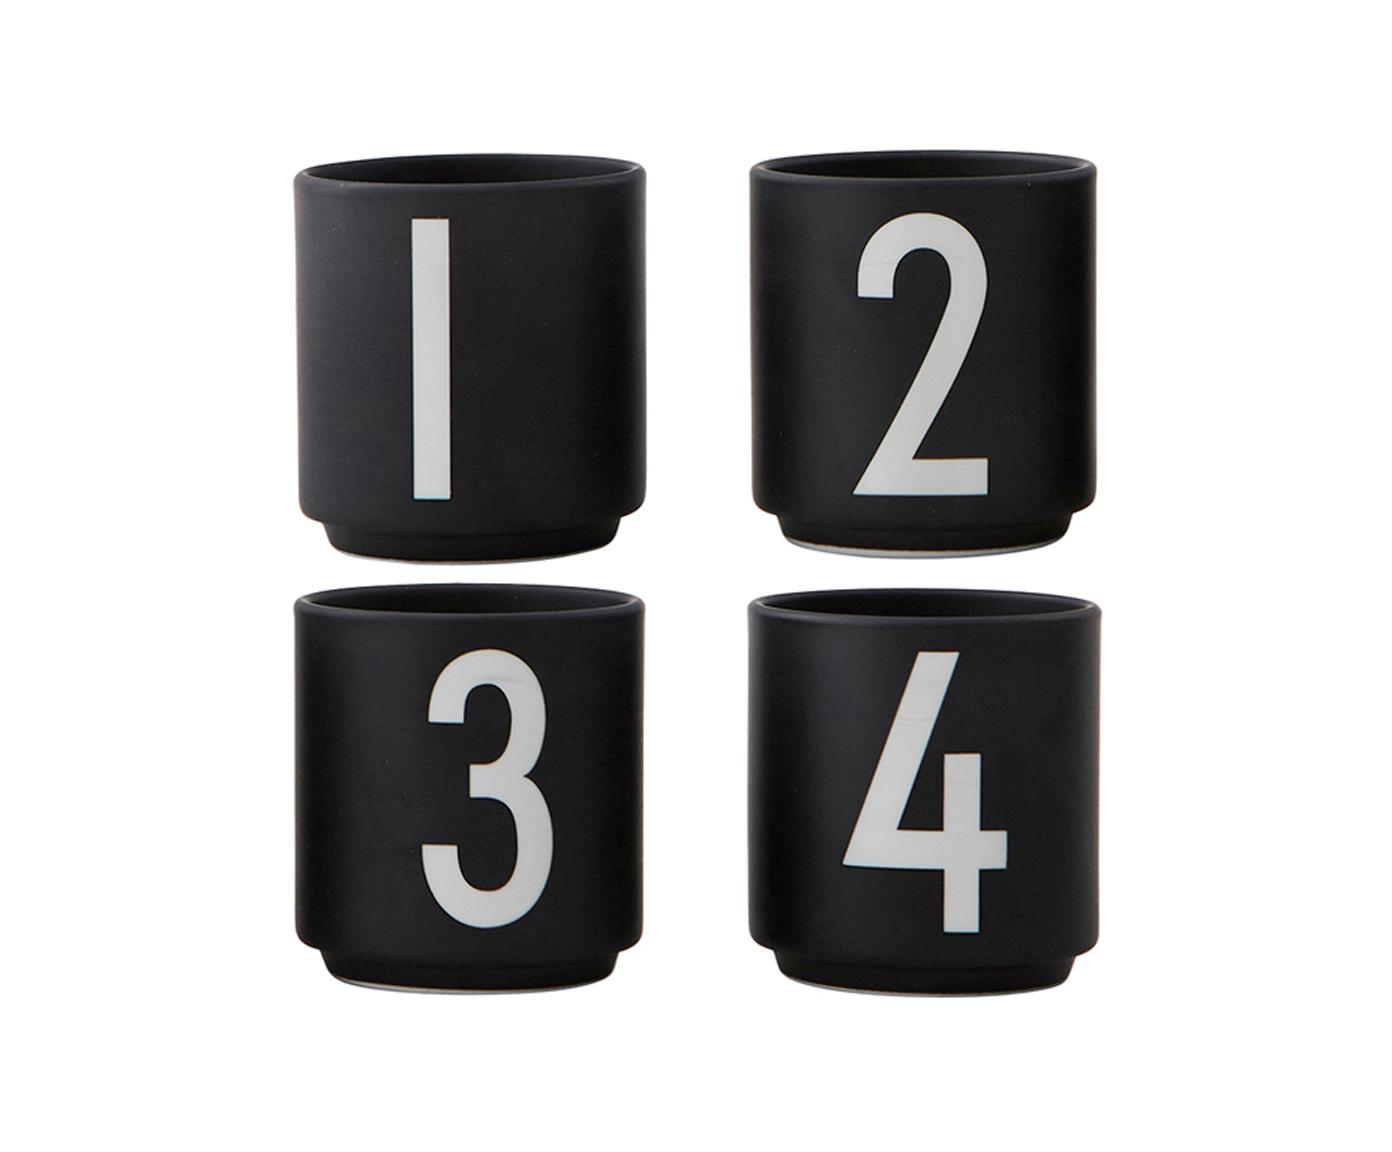 Design Espressobecher 1234 mit Zahlen, 4er-Set, Fine Bone China (Porzellan), Schwarz, Weiss, Ø 5 x H 6 cm